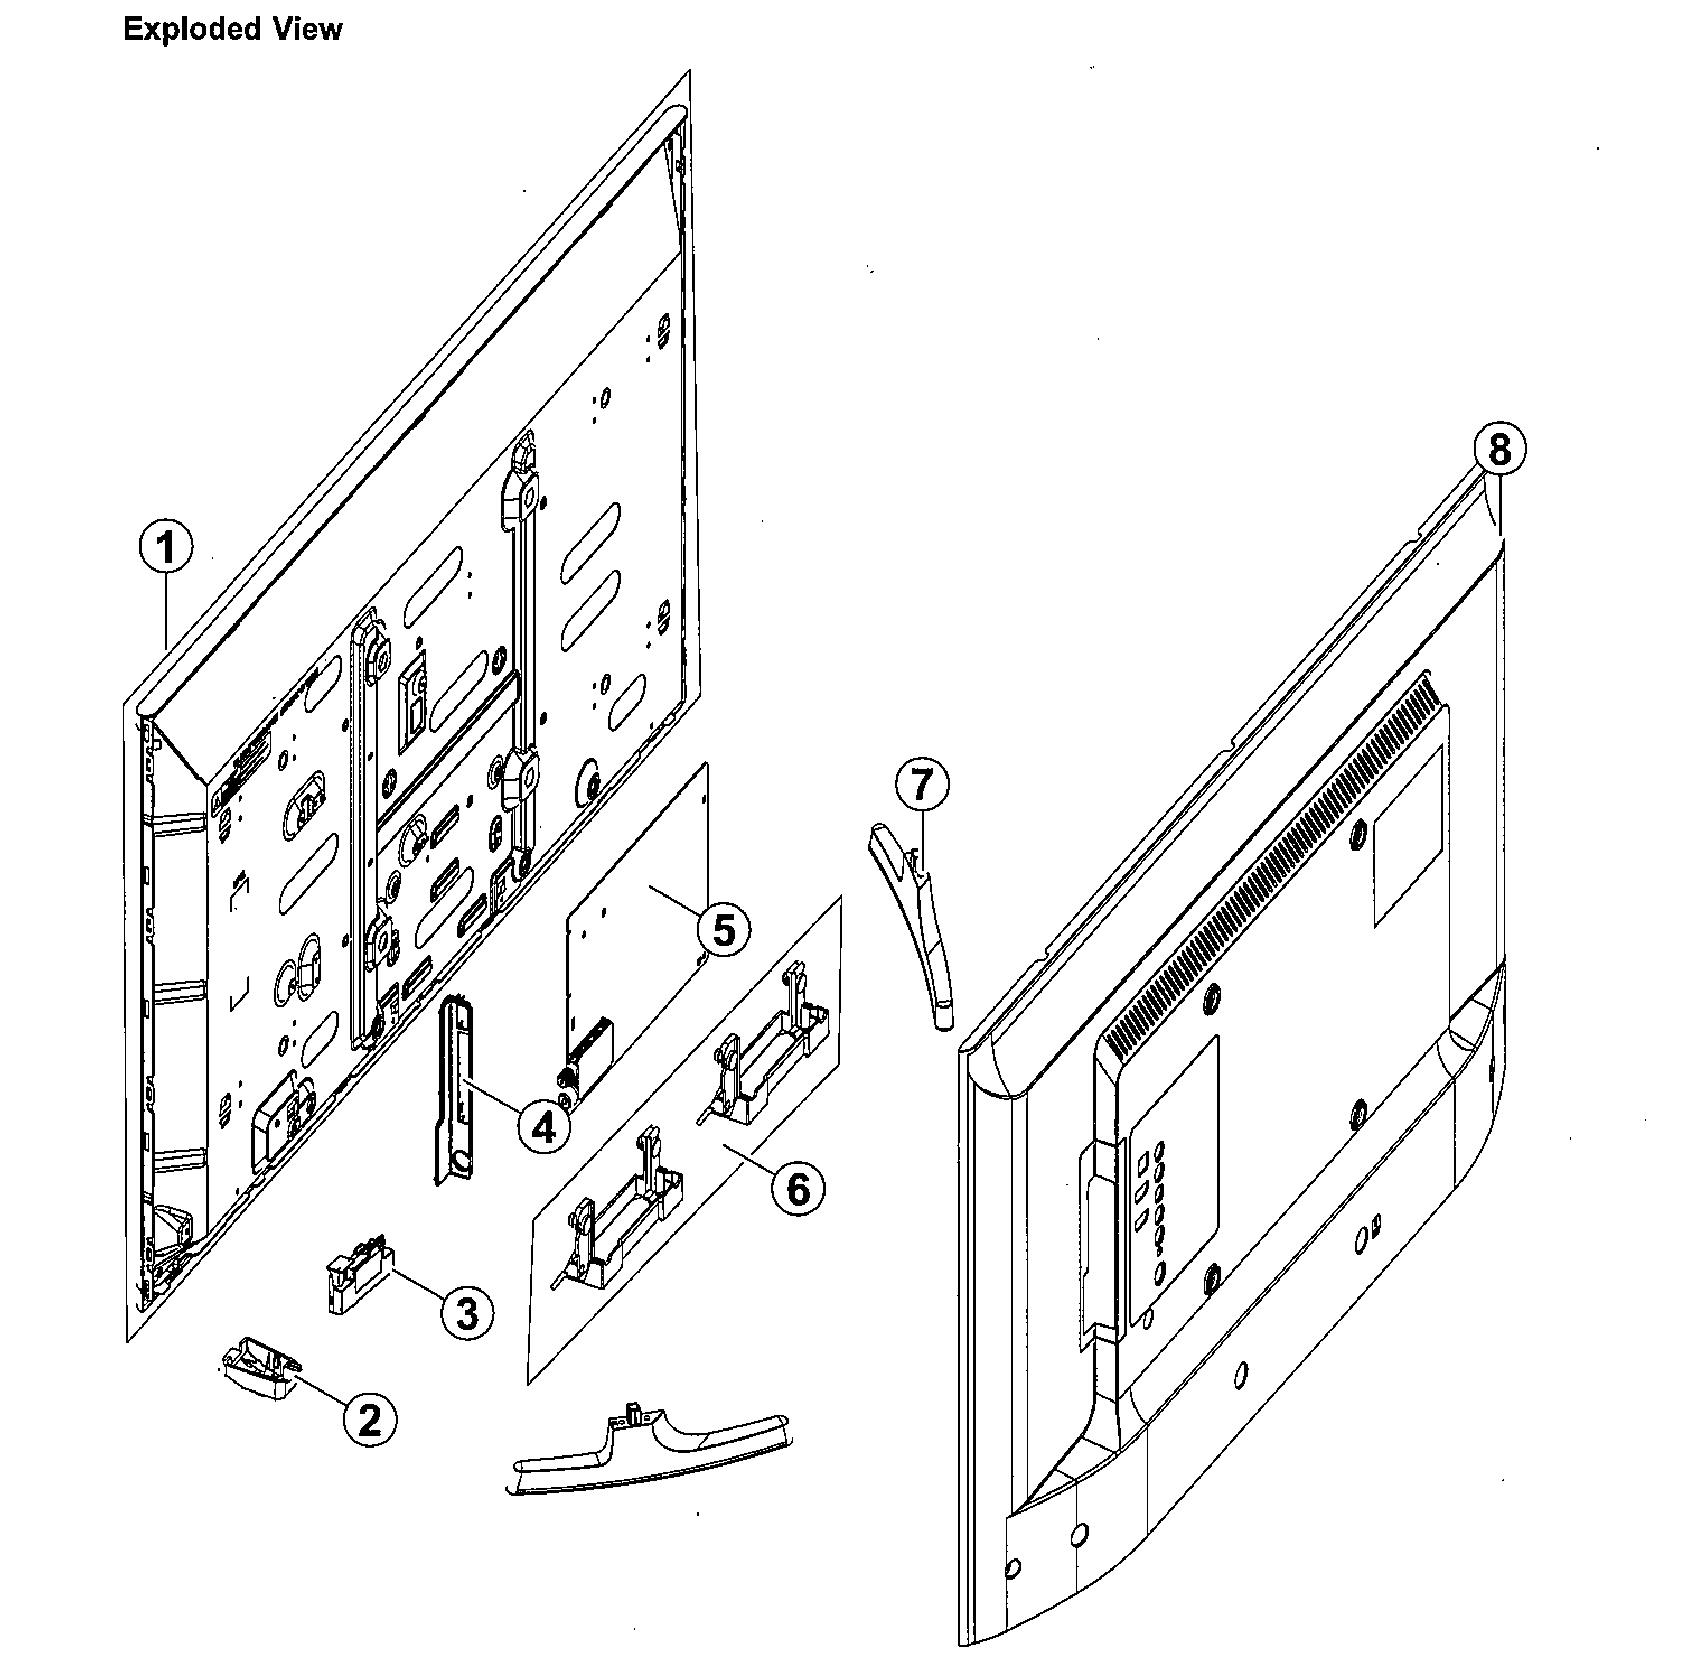 manual for samsung tv model number